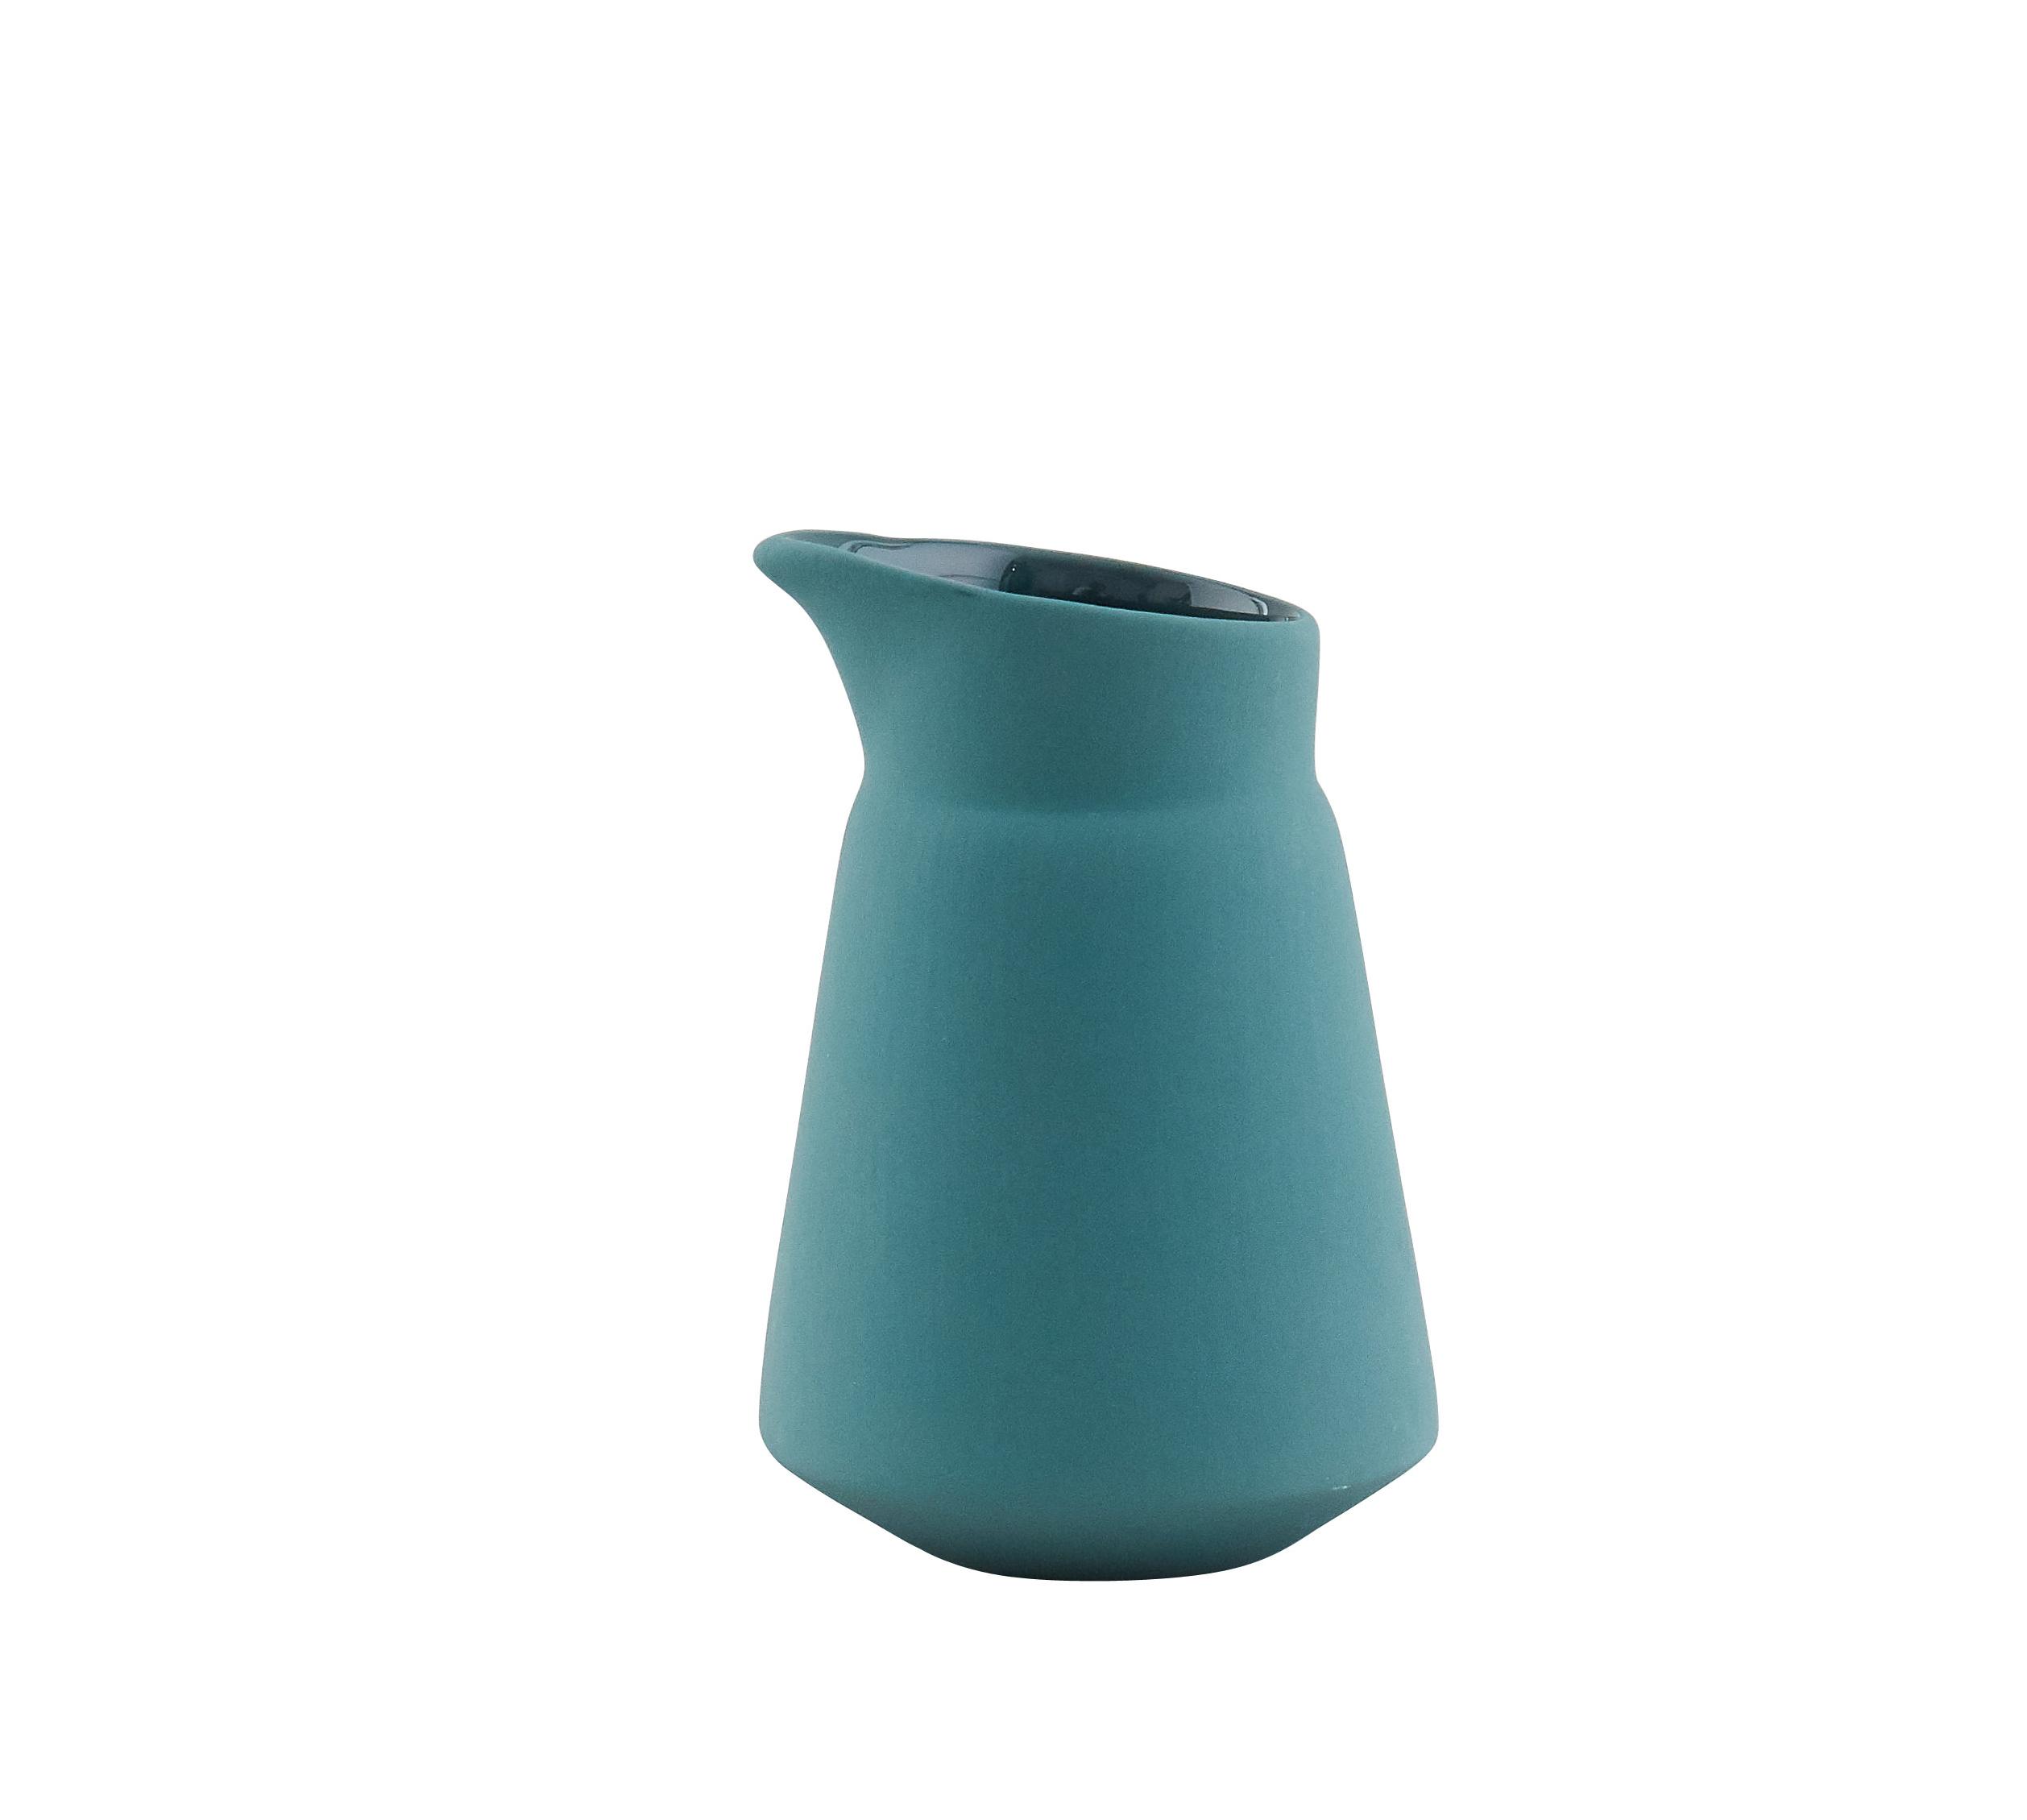 Hend-Krichen-Green Milk Jug-£35.